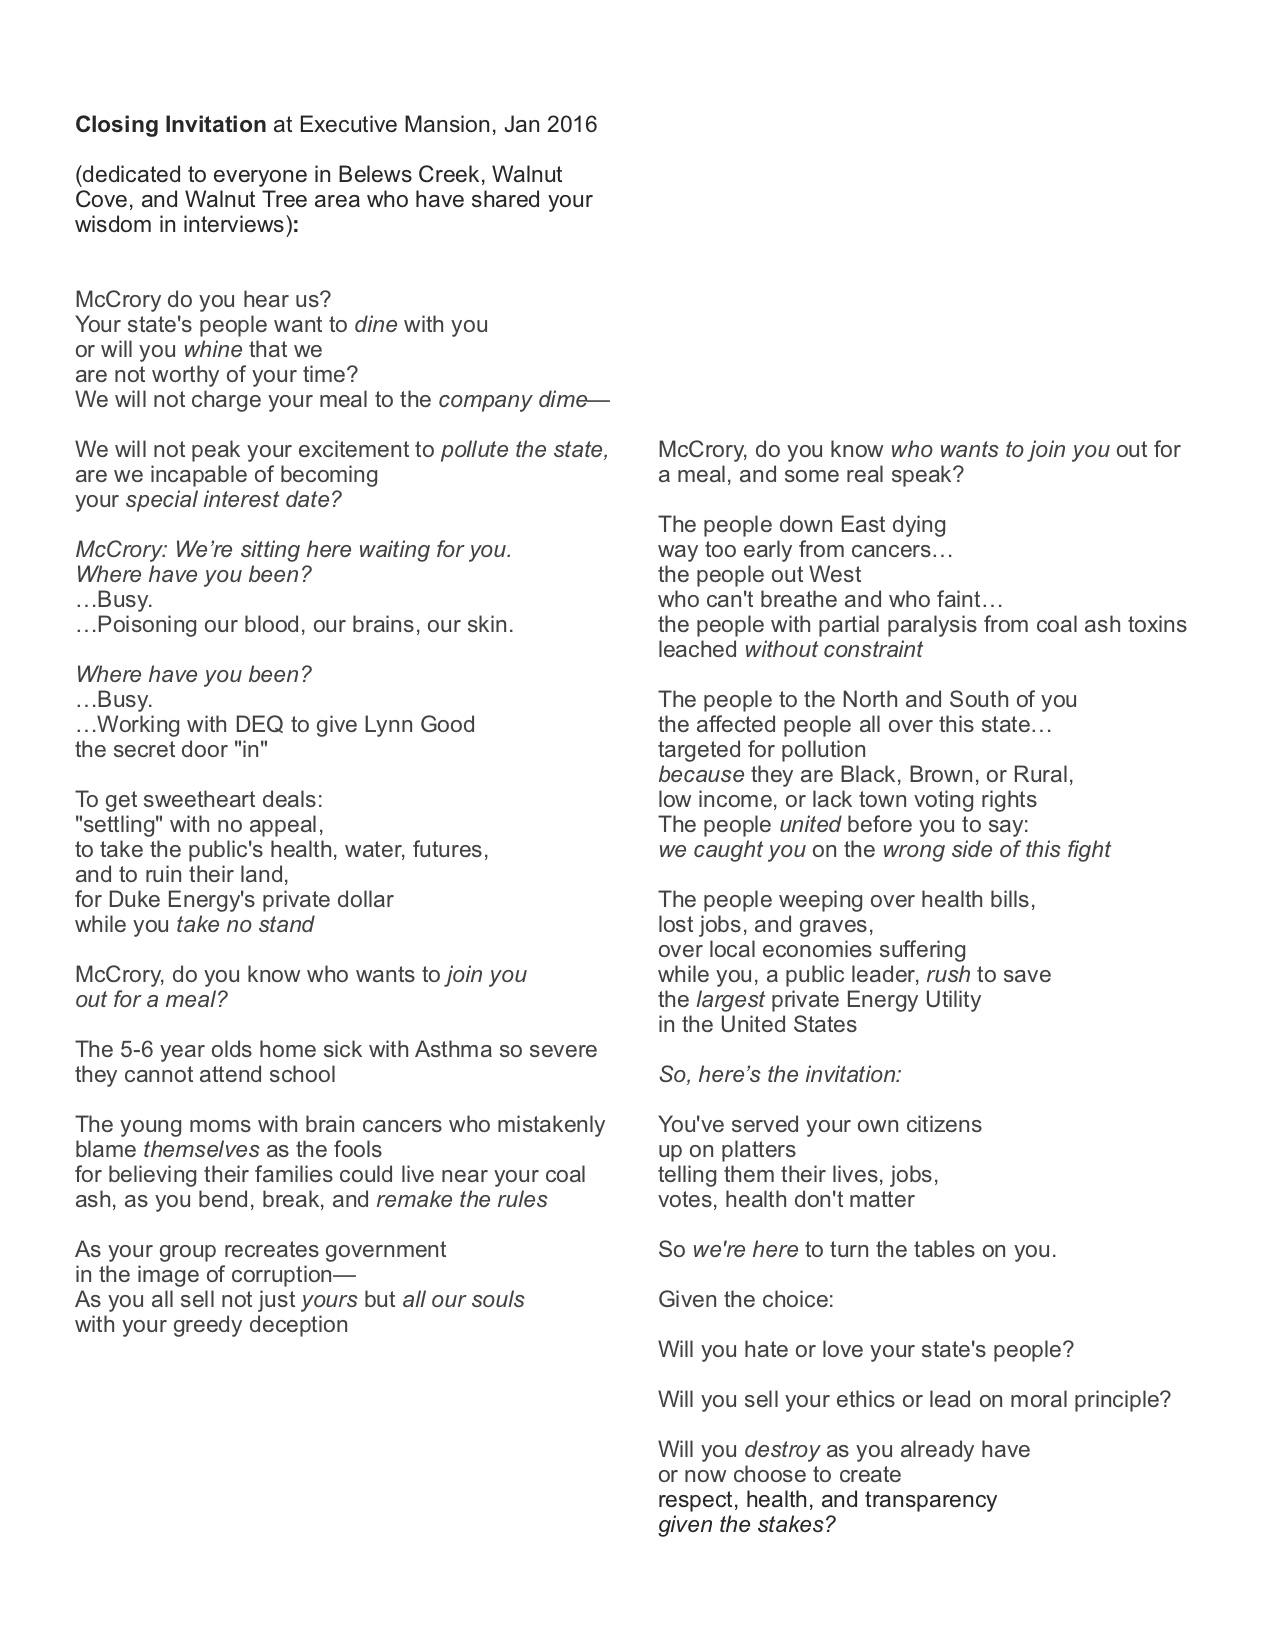 Invitation to Dinner (closing poem).jpg